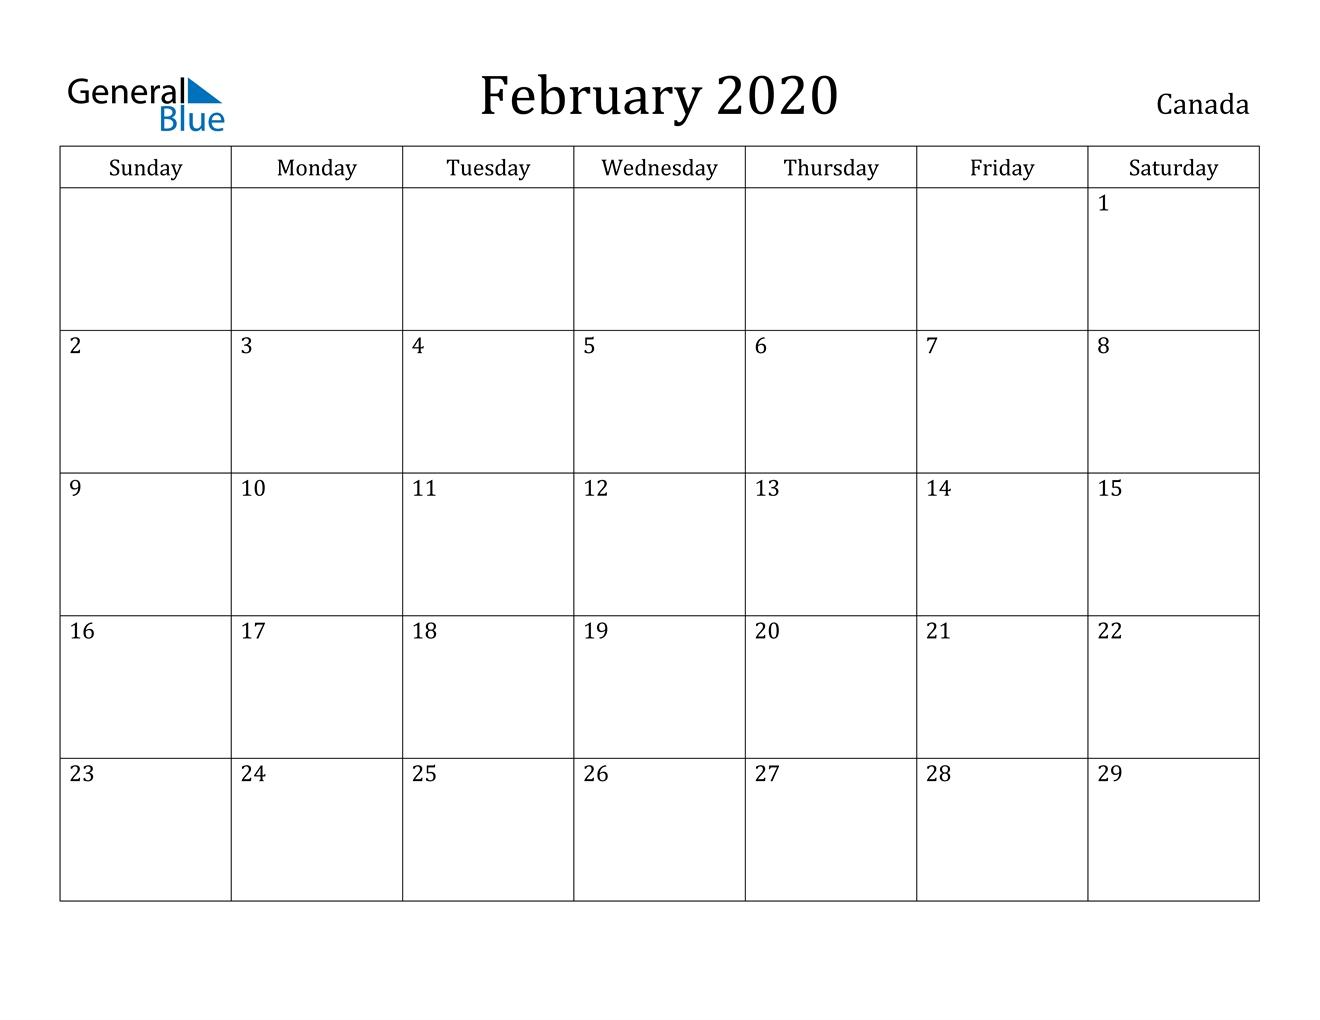 February 2020 Calendar - Canada  Printable February 2020 Calendar